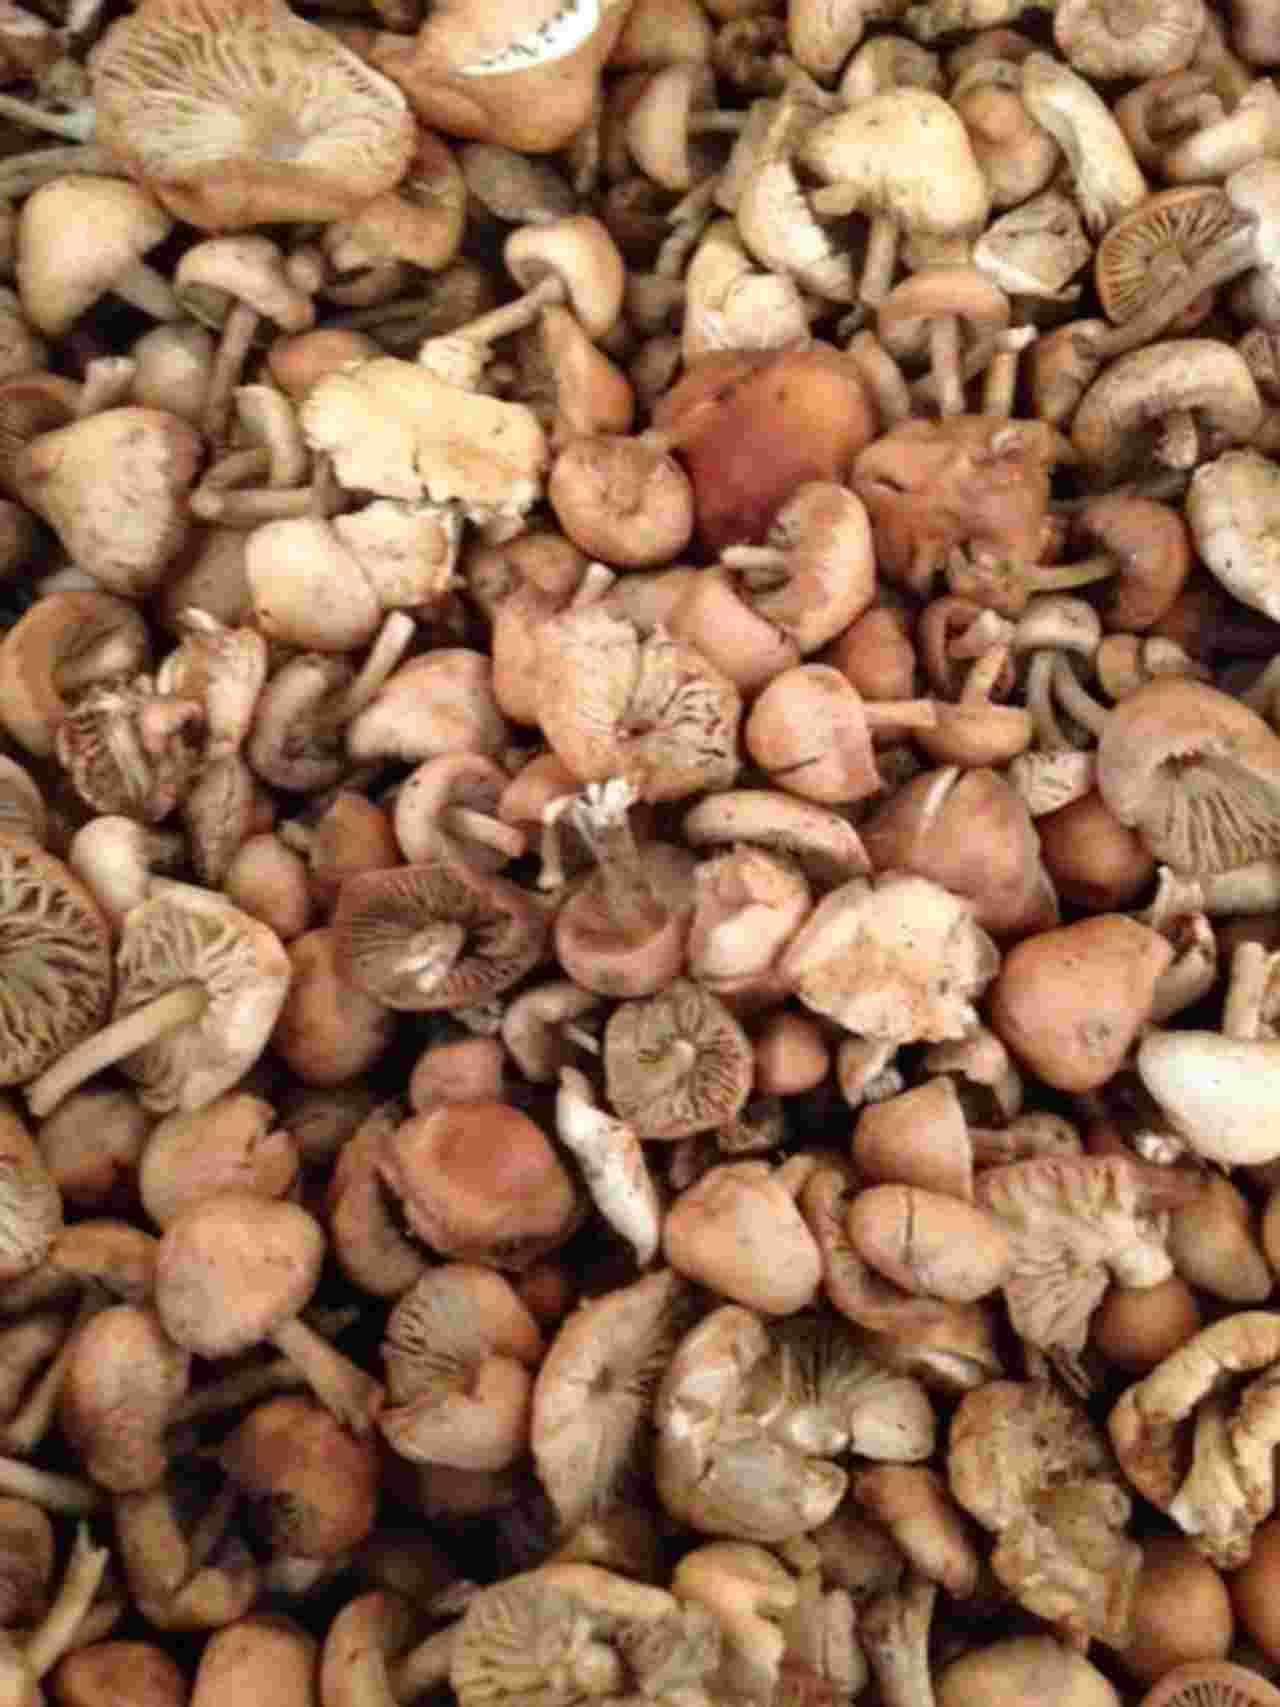 mouseron_mushrooms_close.jpg